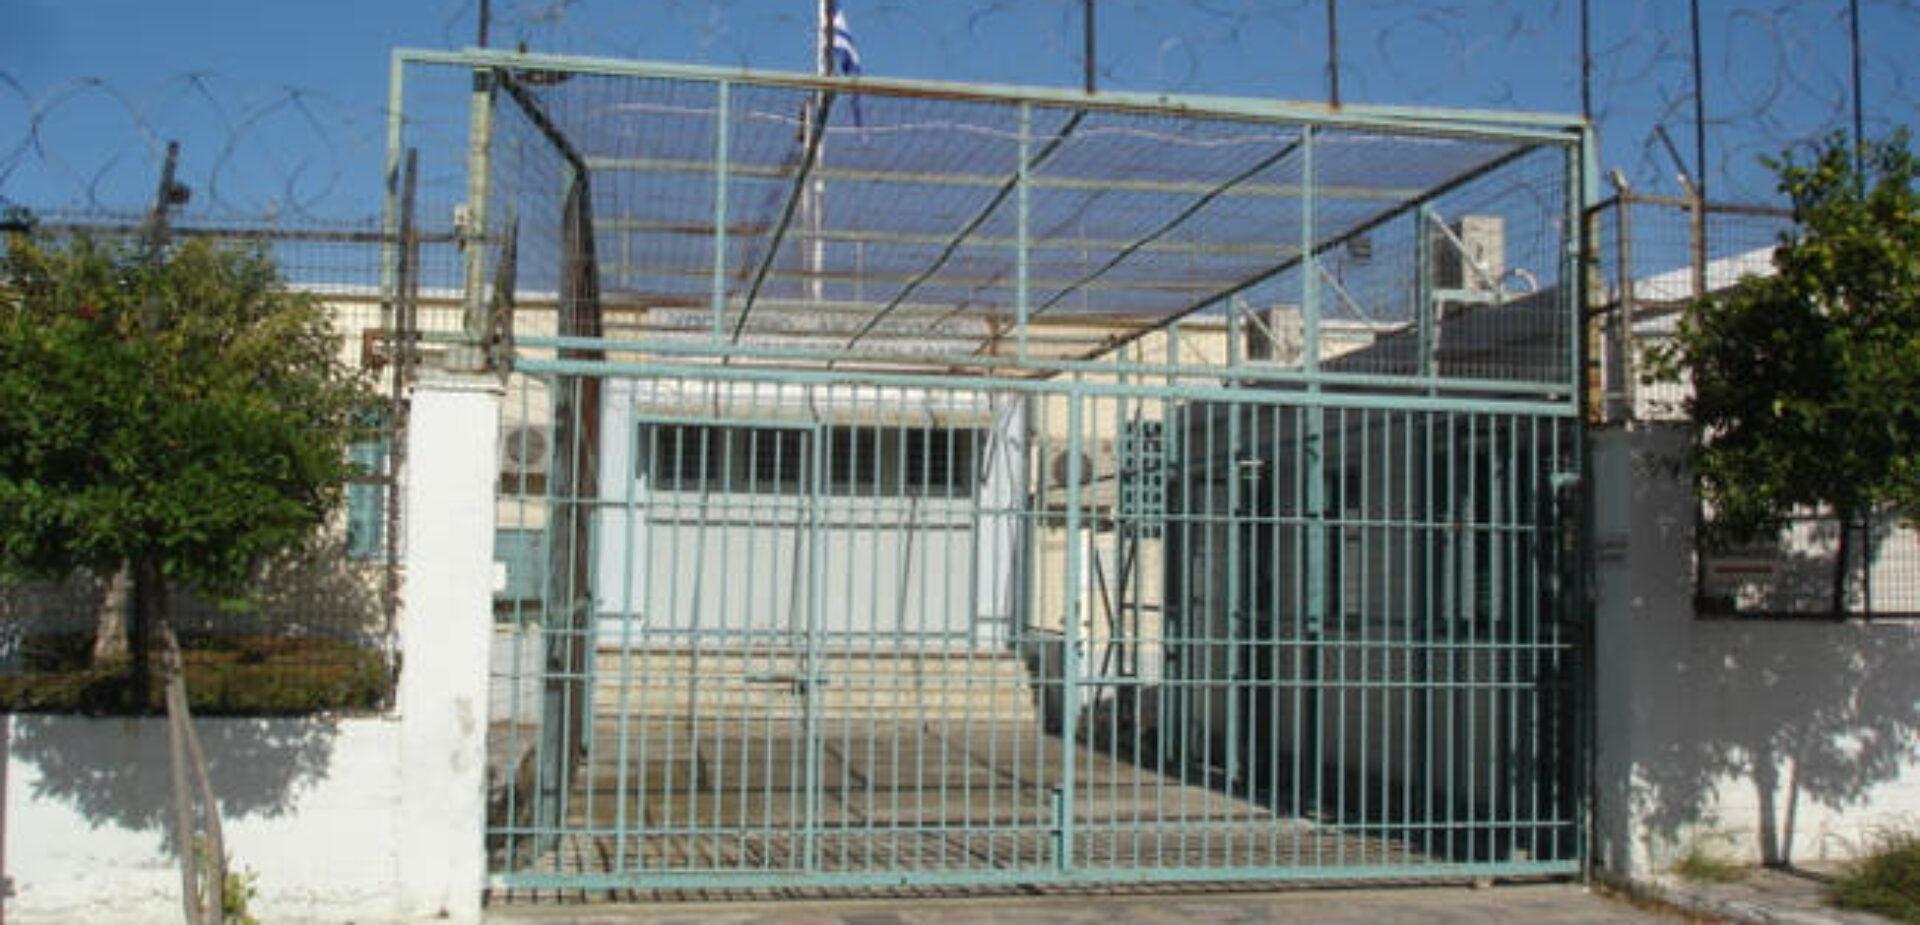 Άγρια επίθεση σε κρατούμενο στο Ειδικό Κατάστημα Κράτησης Νέων Βόλου